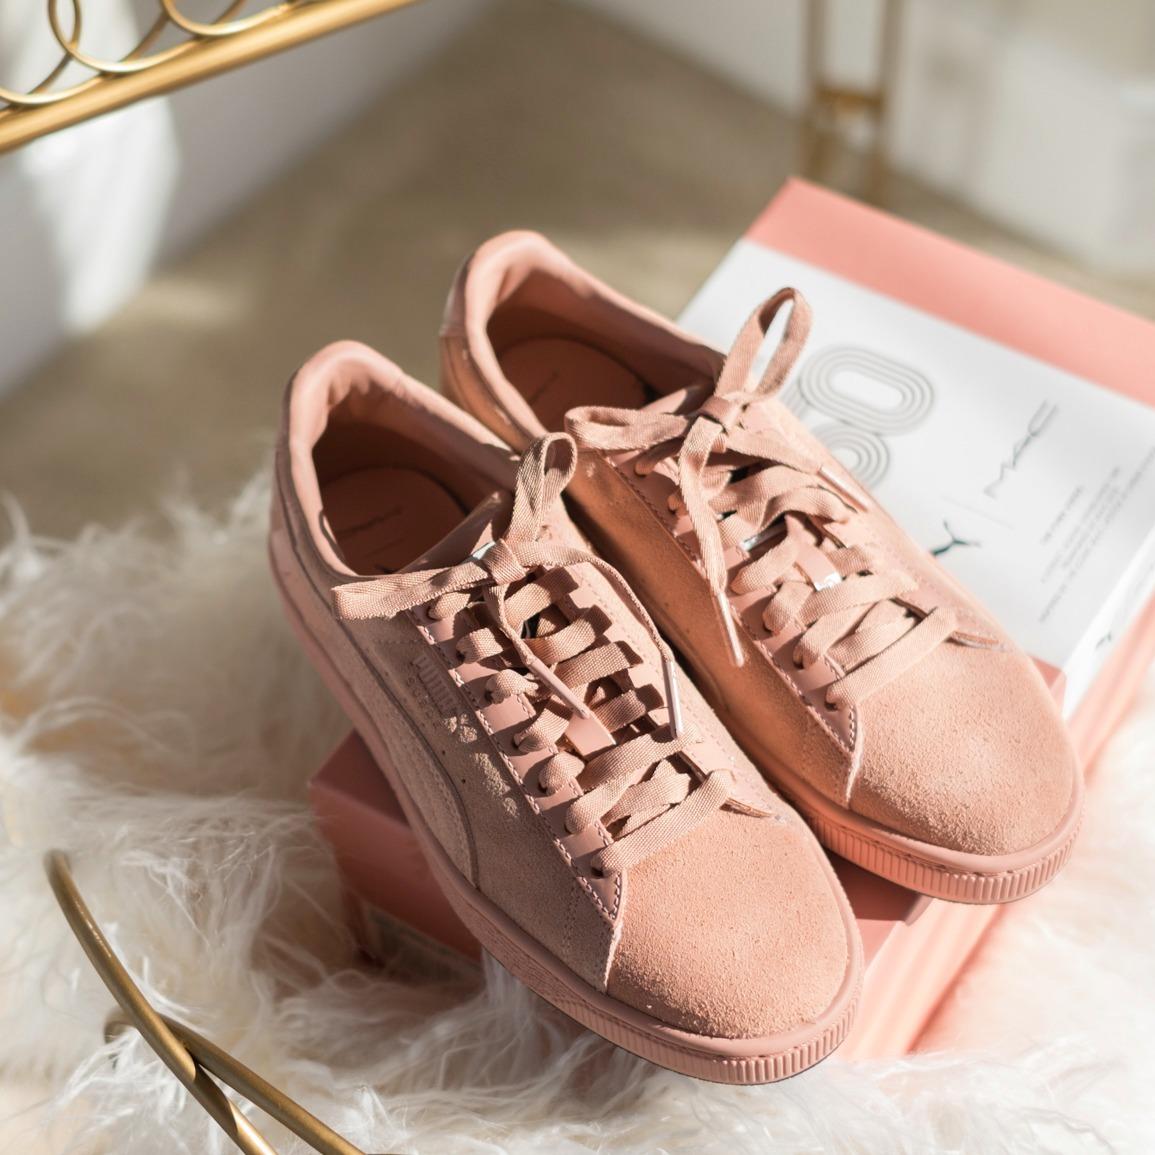 65363021e8a https   cn.dealmoon.com 27-Unisex-520-Shoes-Joes-New-Balance ...